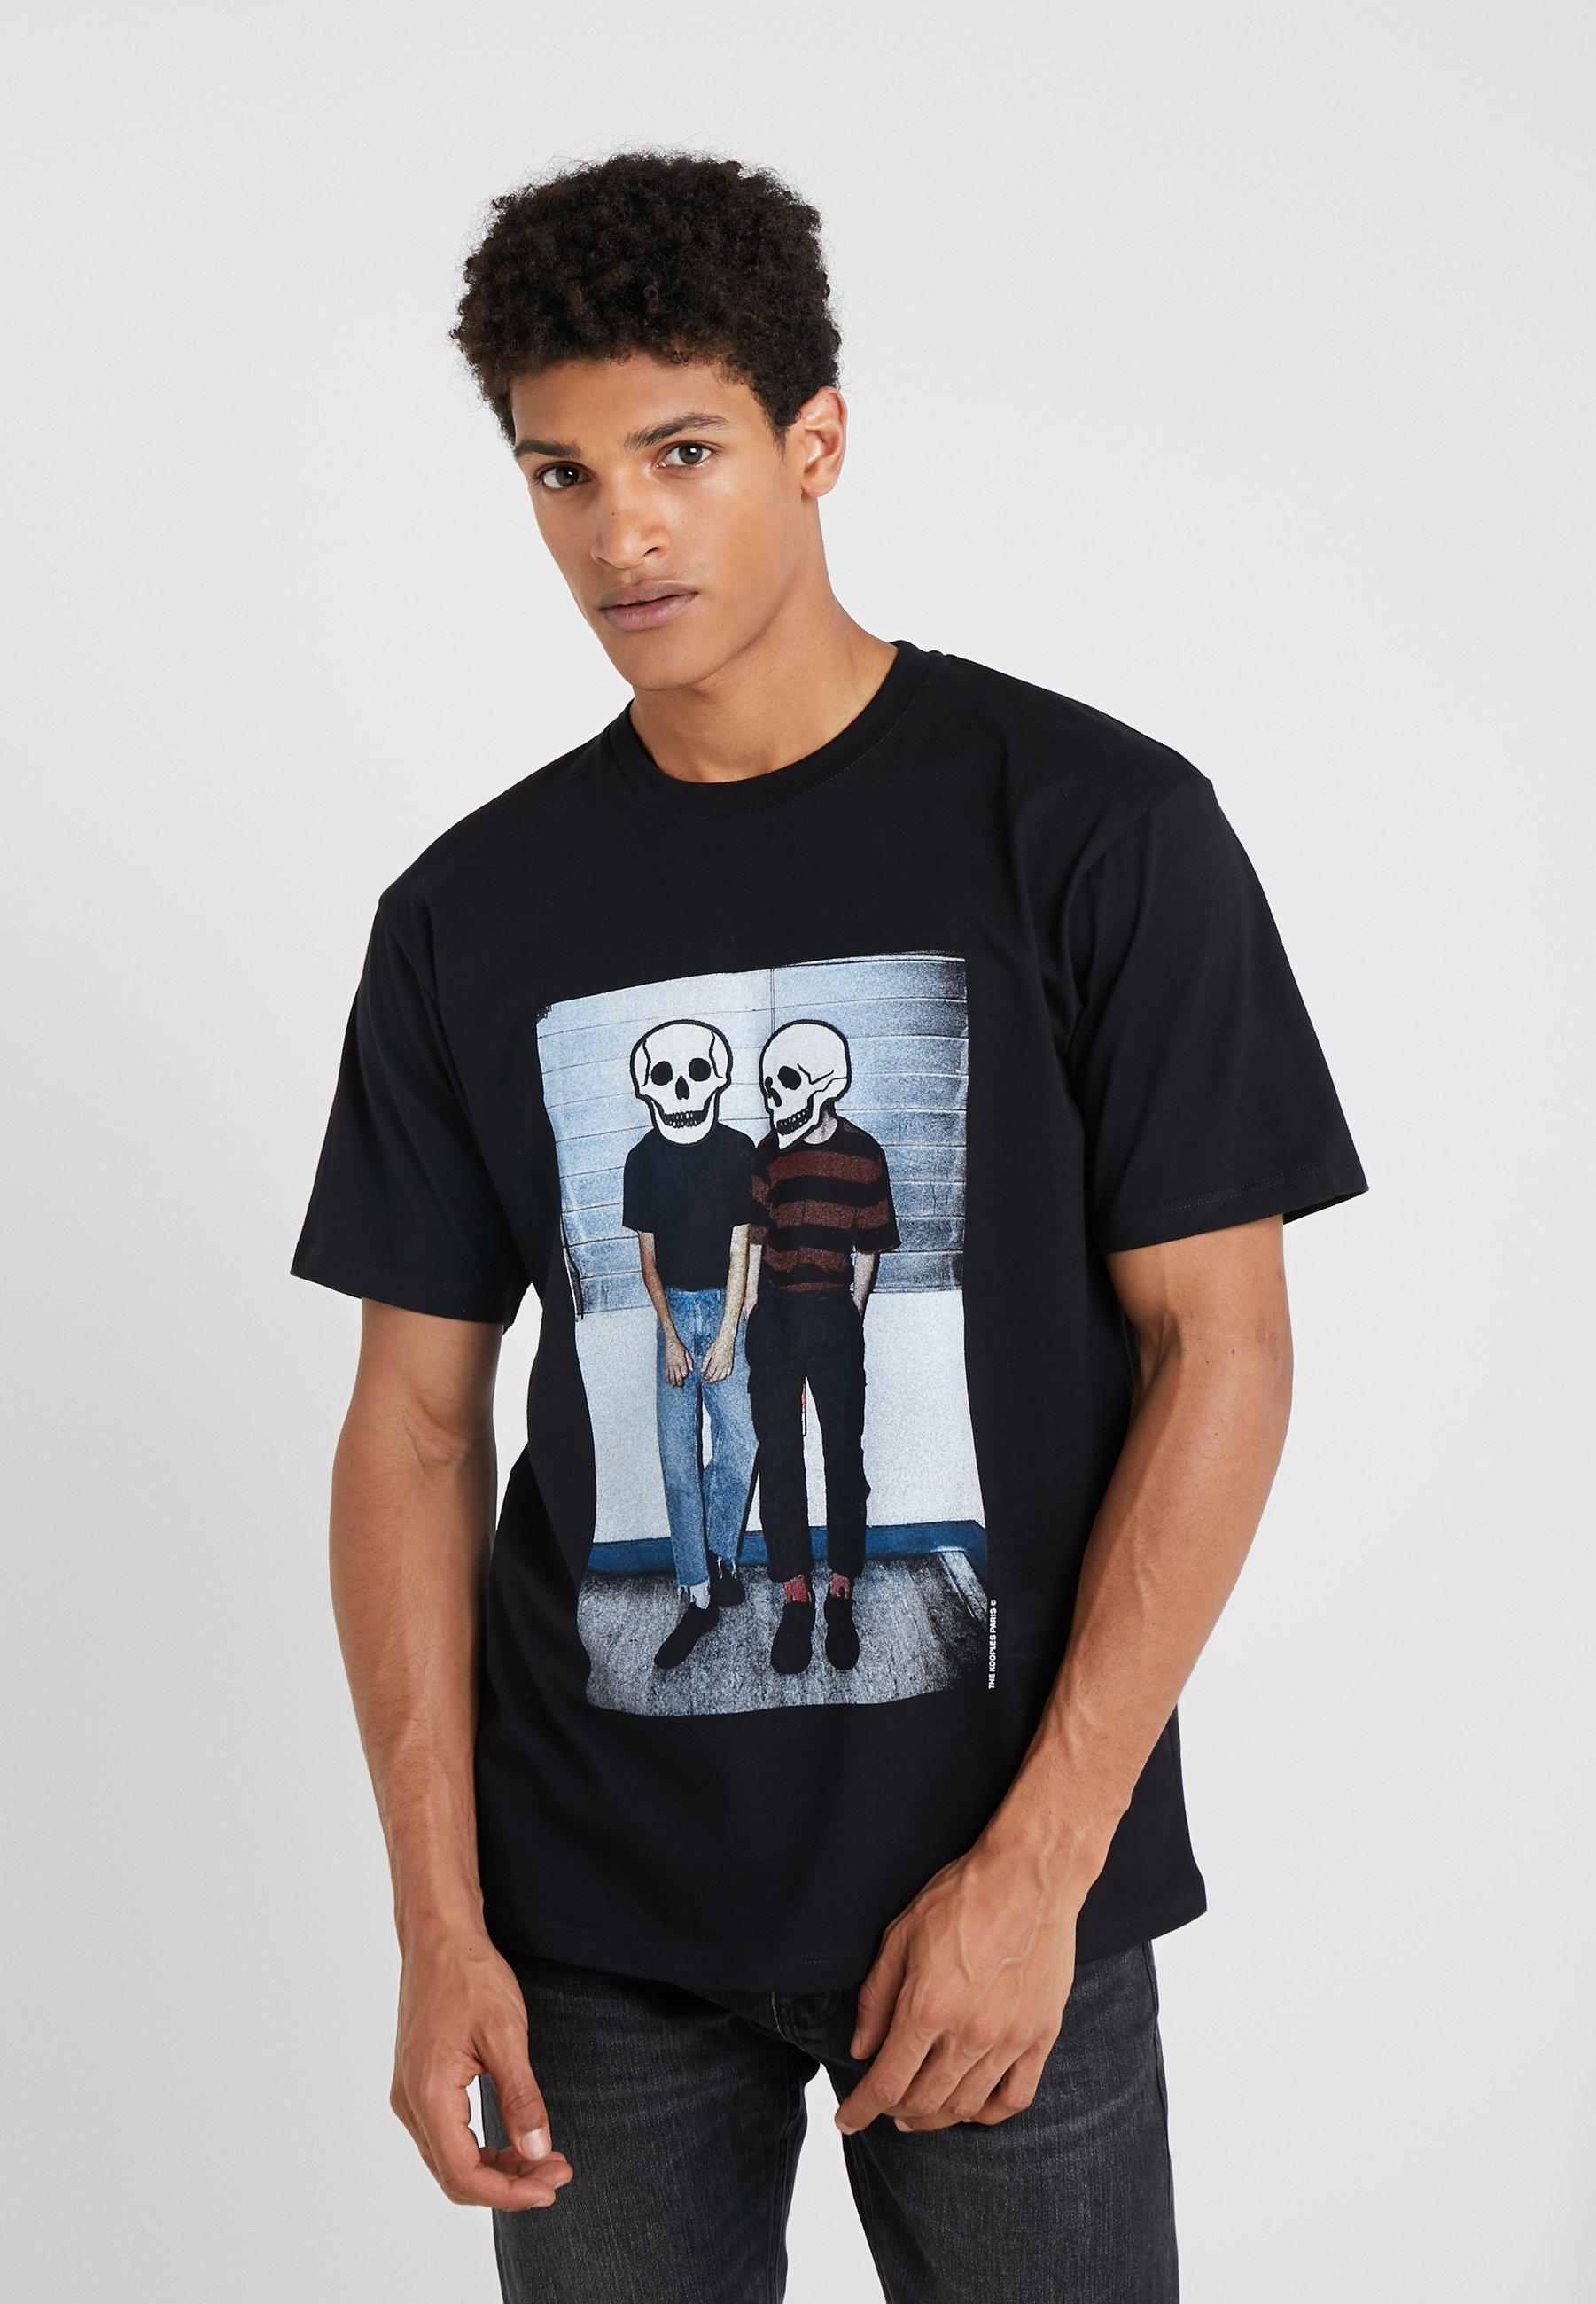 ImpriméBlack The shirt T Kooples Kooples The UVqMSpz